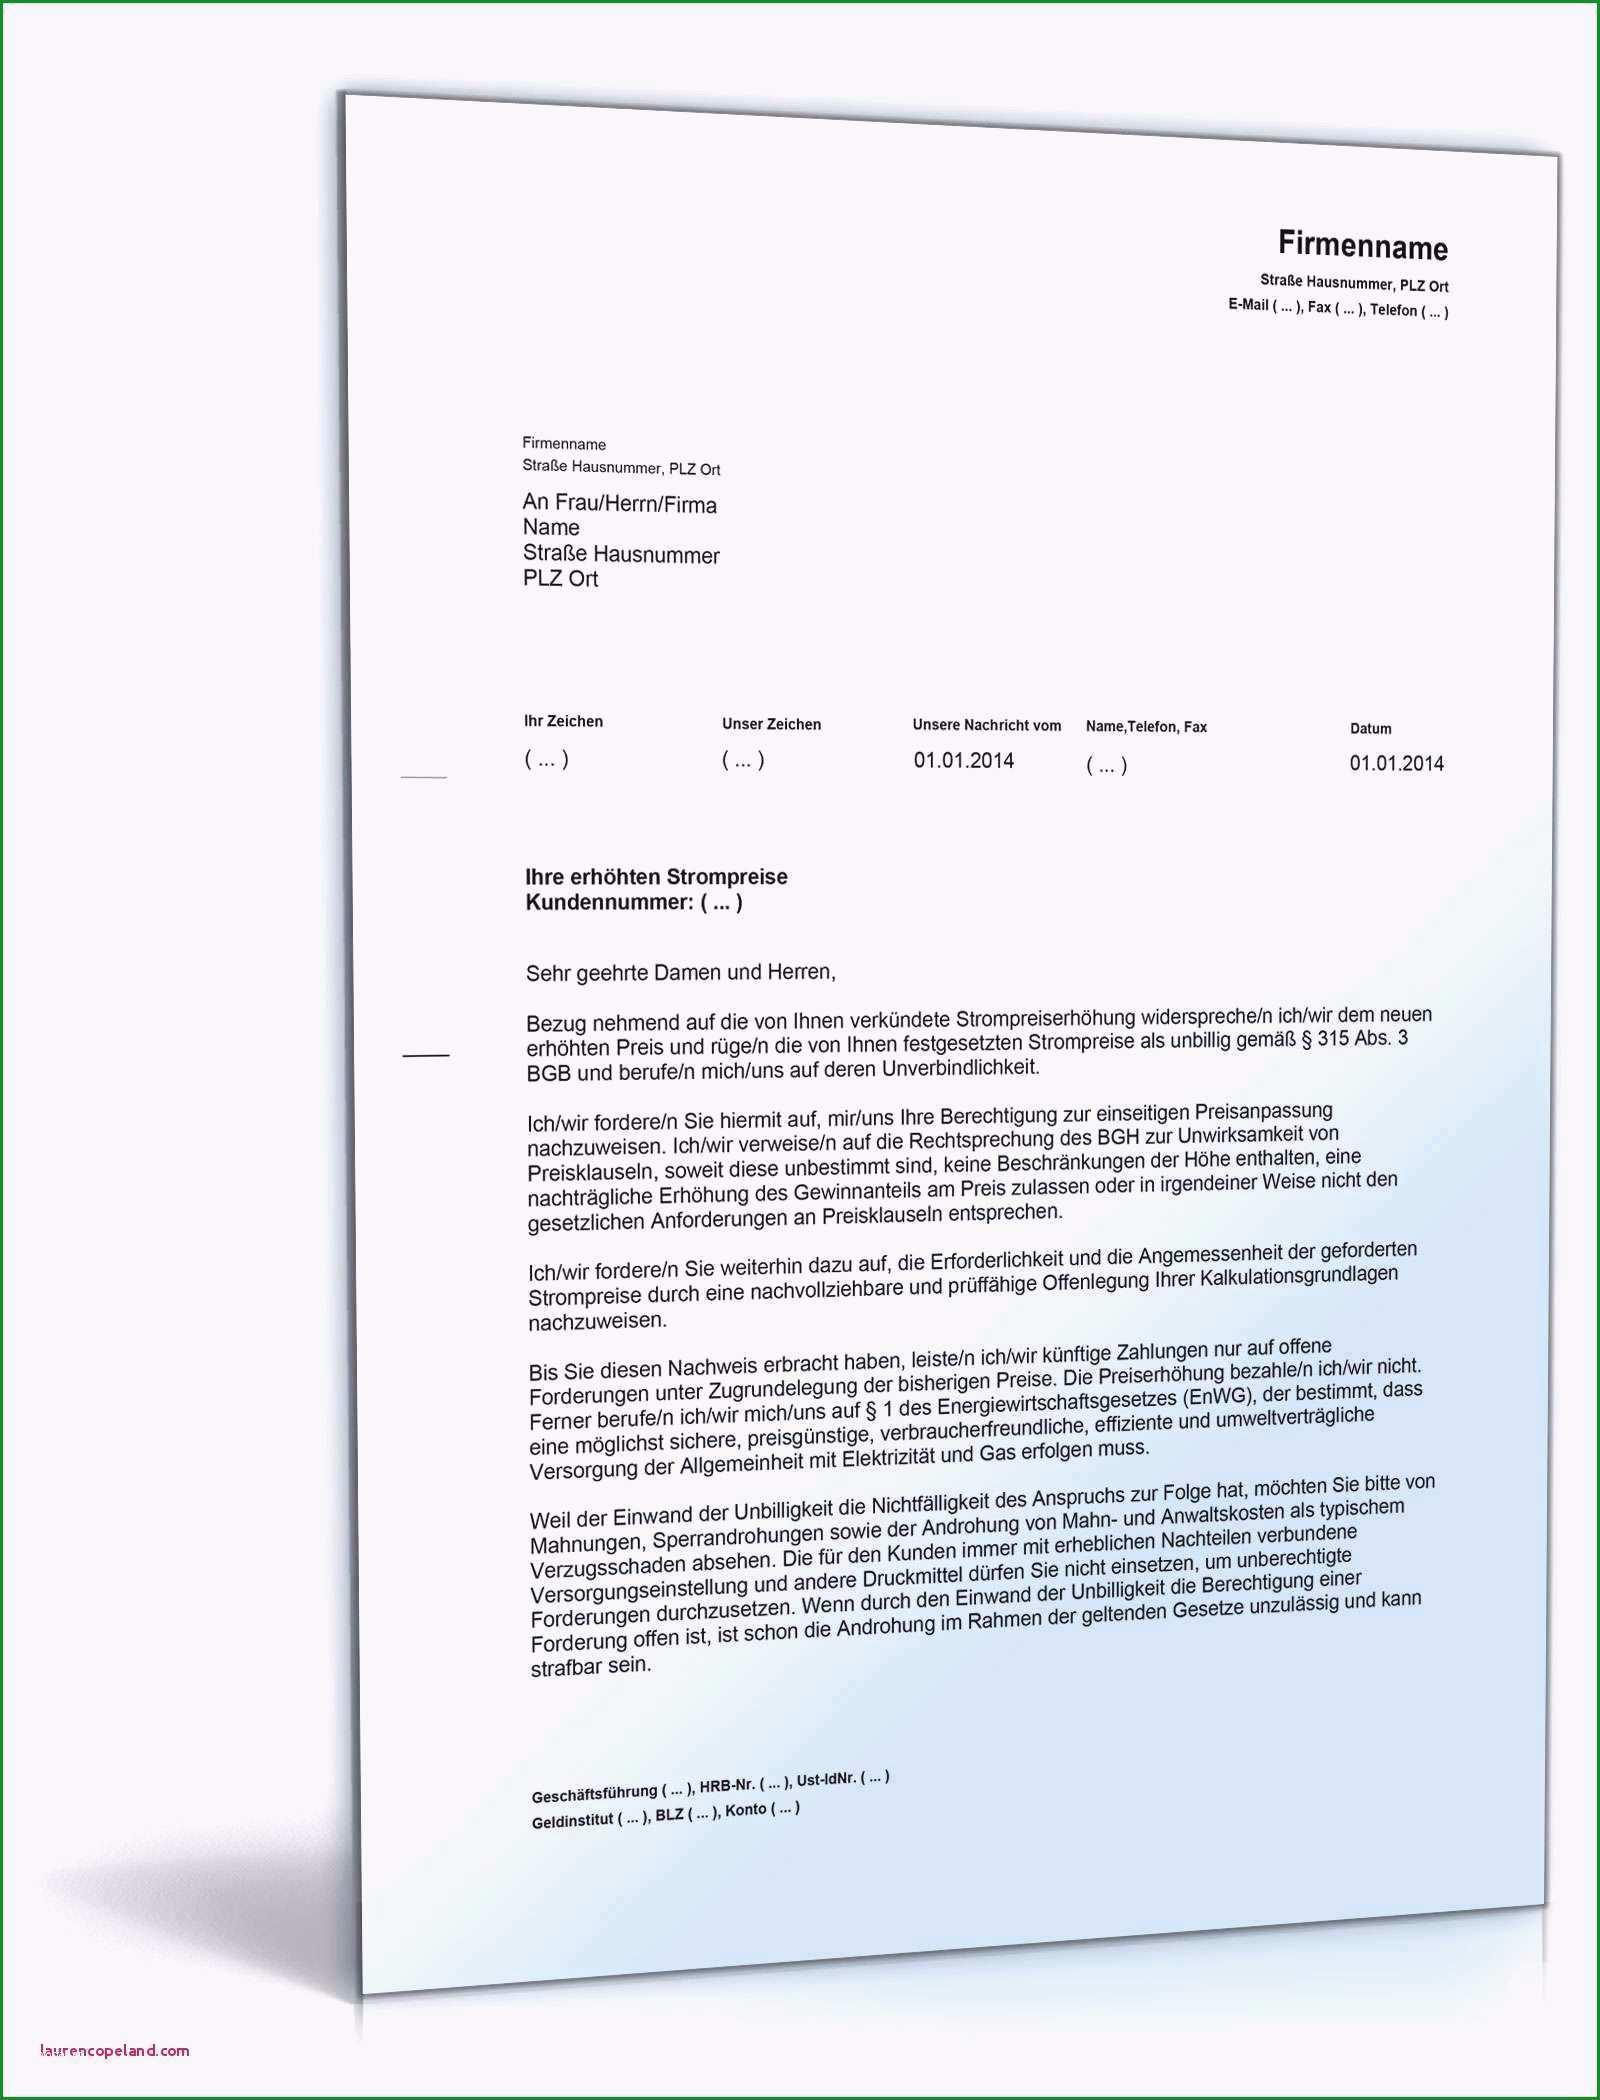 vorlage privater darlehensvertrag word i i i i i i i i i i i i i i i i i i i i i i i i i i i i i pdf